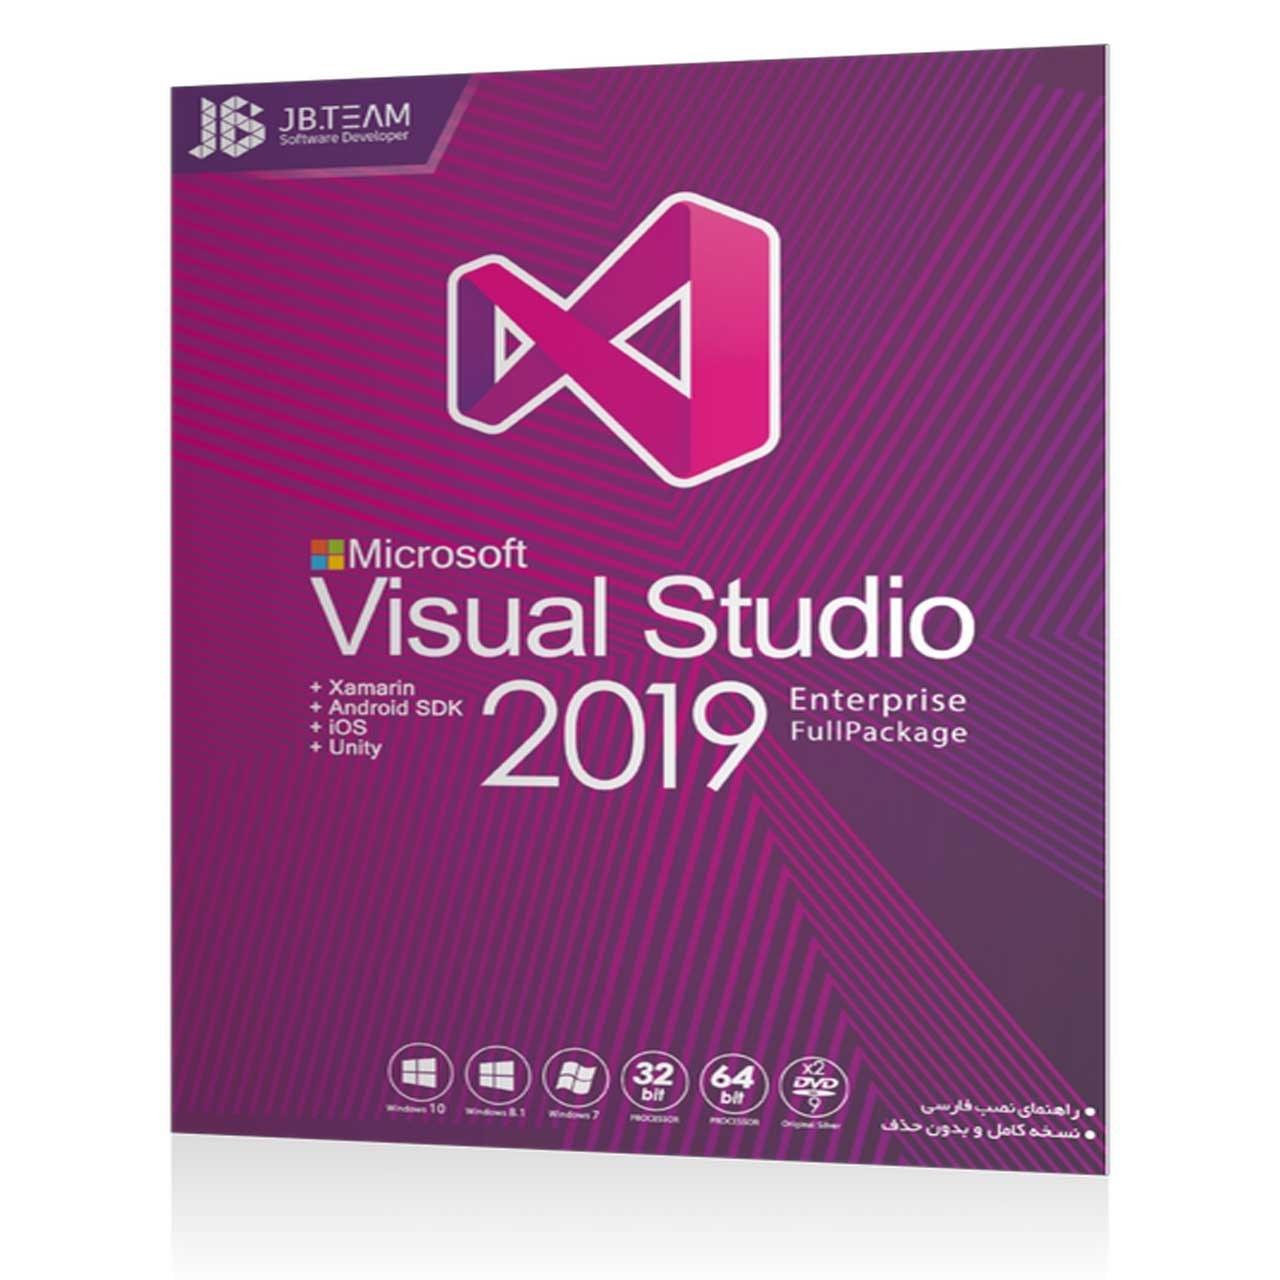 تصویر نرم افزار Visual Studio 2019